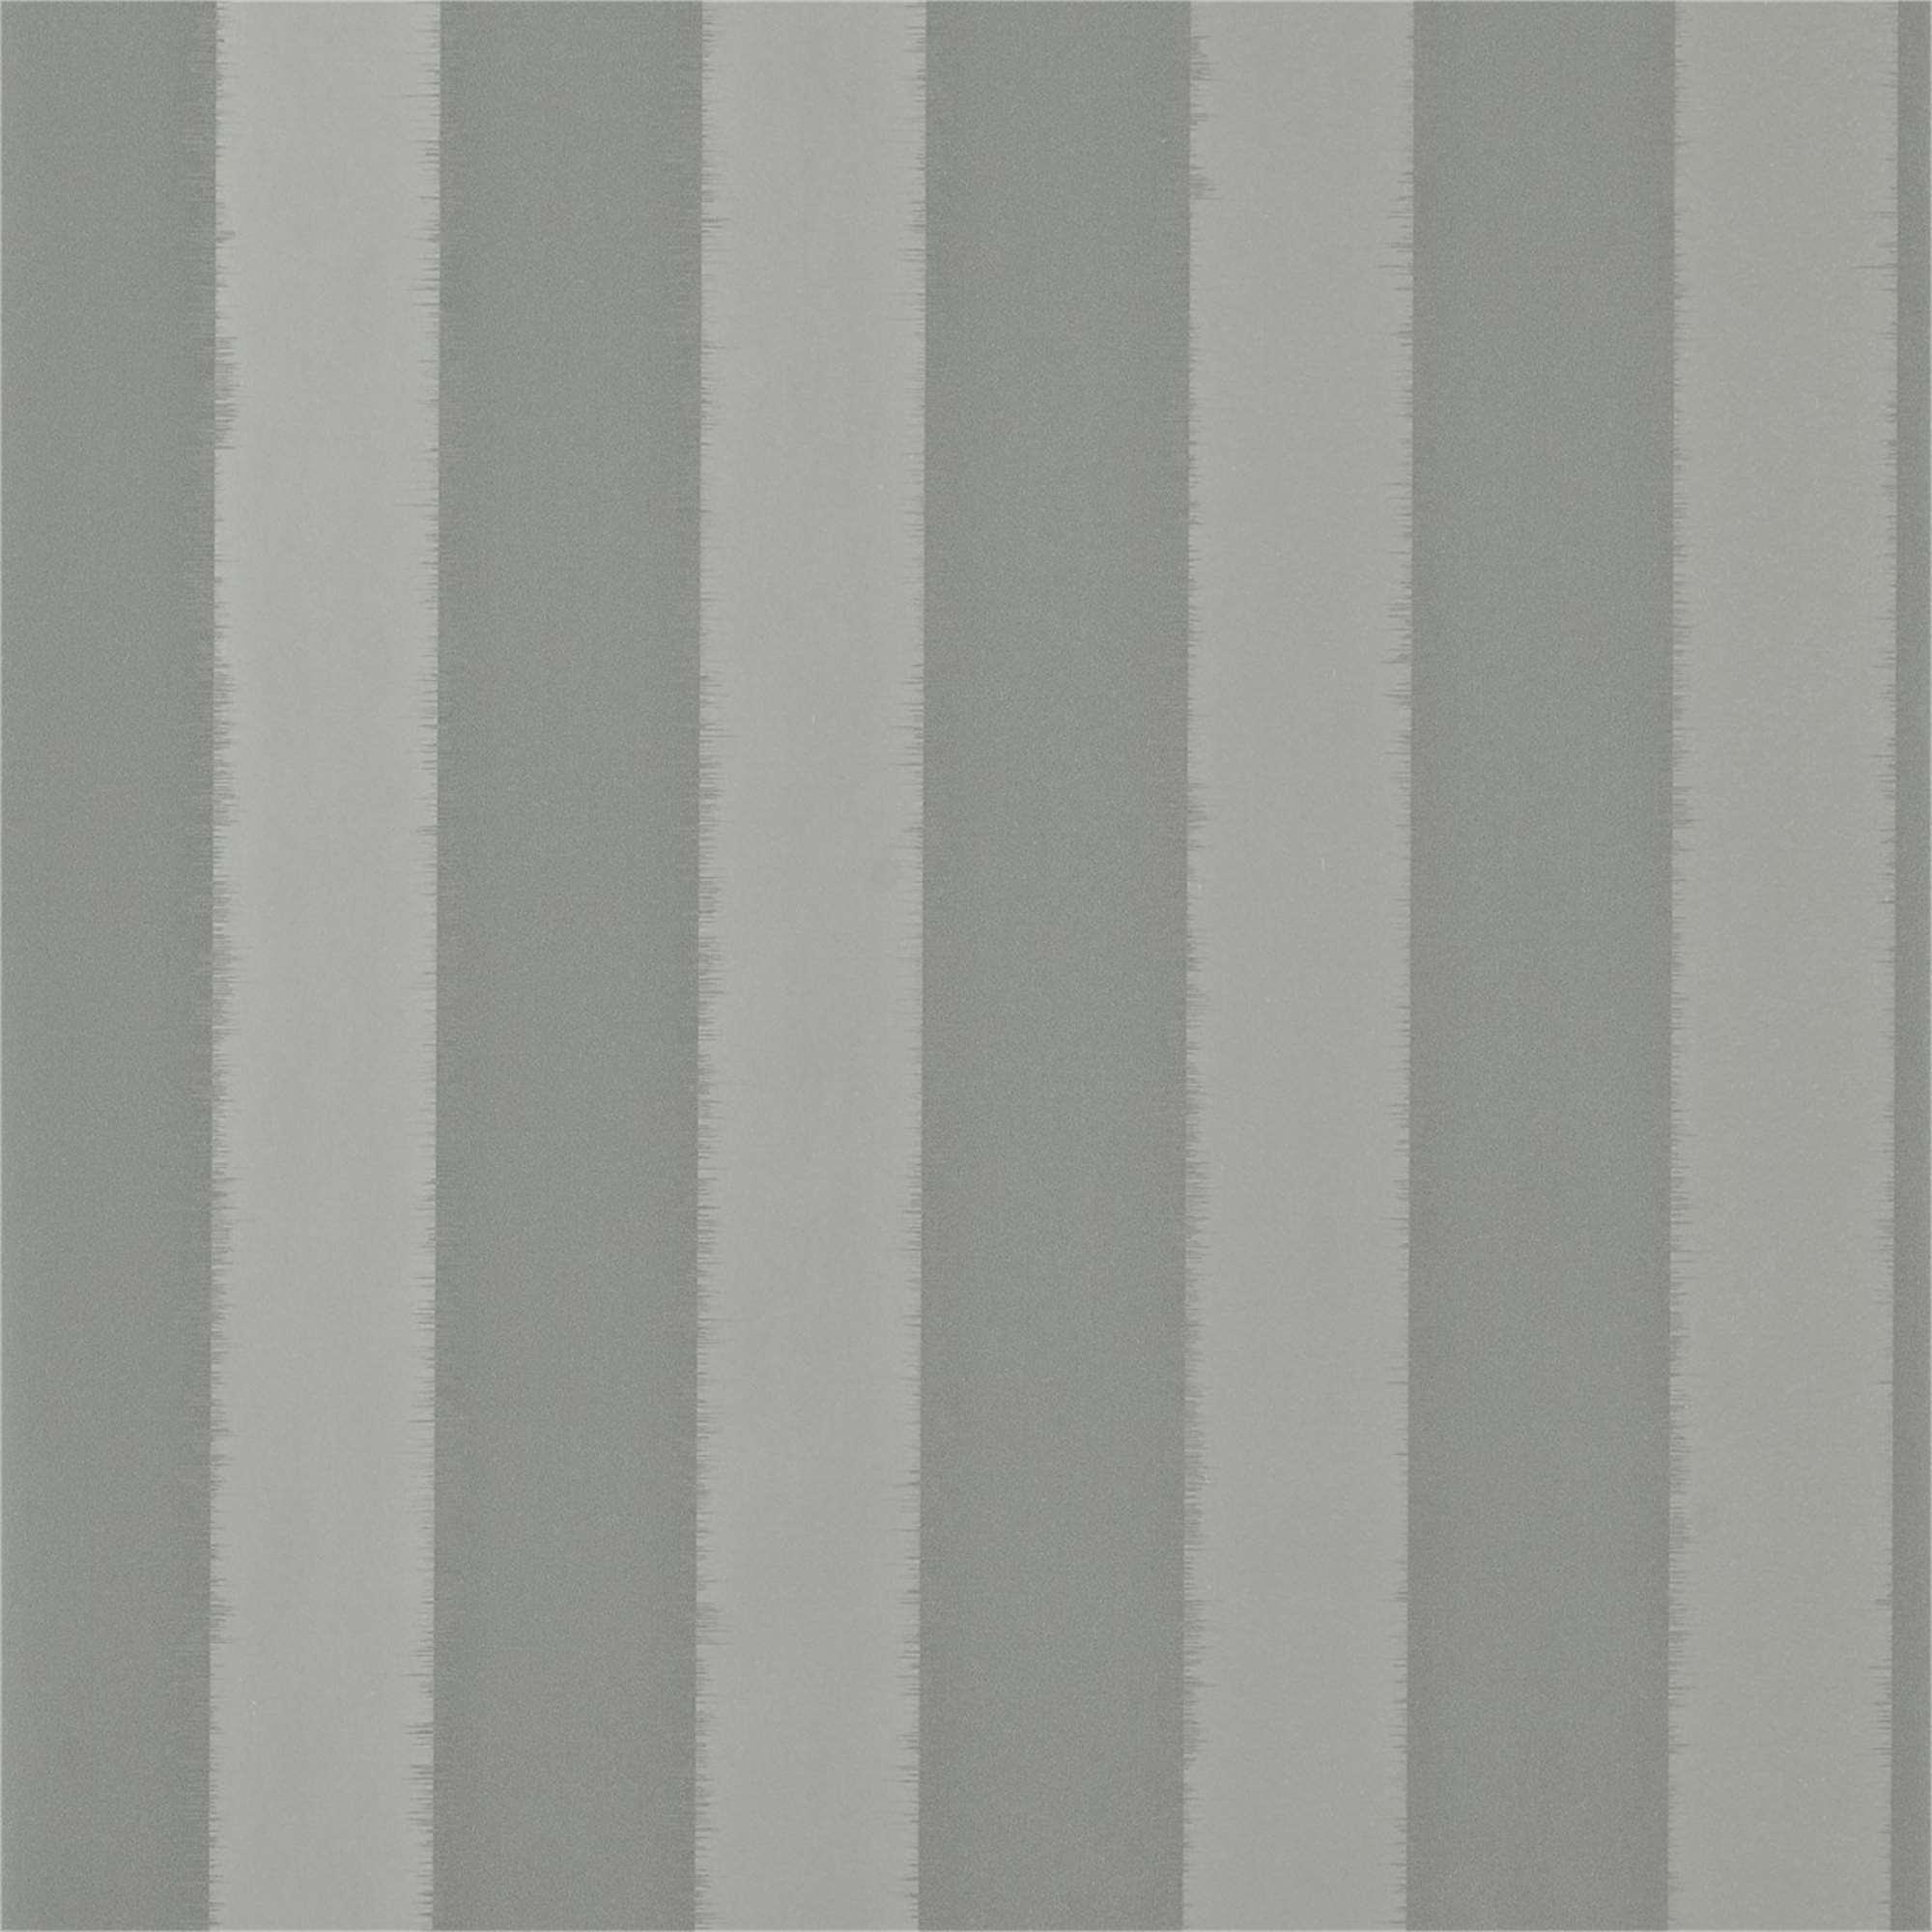 Rotolo carta da parati righe verticali tina codazzo home for Rotolo carta parati